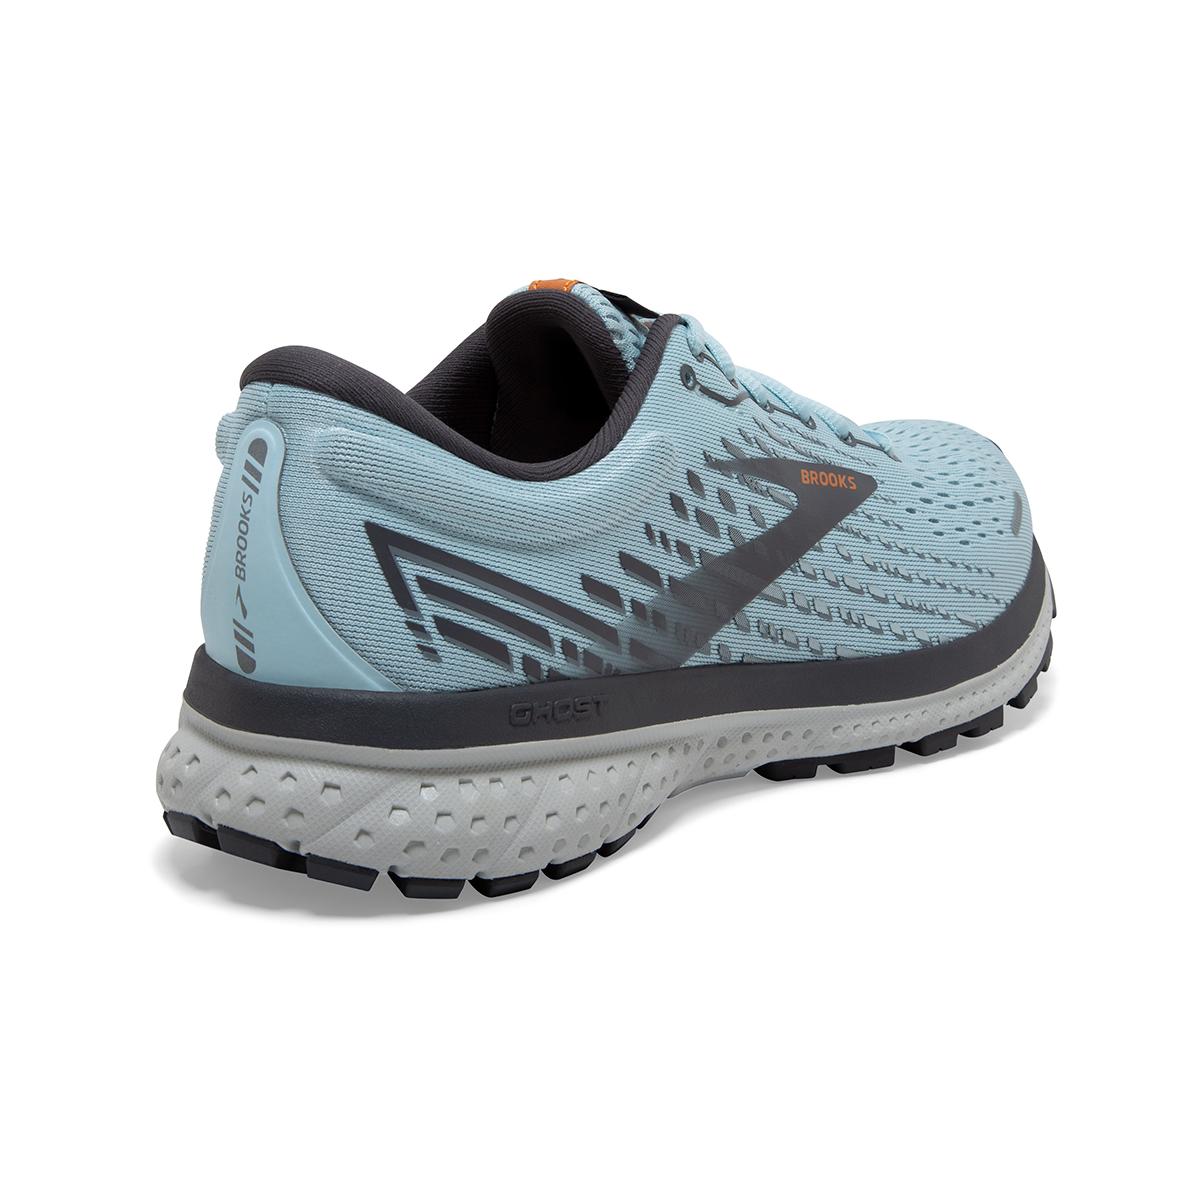 Women's Brooks Ghost 13 Running Shoe - Color: Light Blue/Black - Size: 5 - Width: Regular, Light Blue/Black, large, image 6